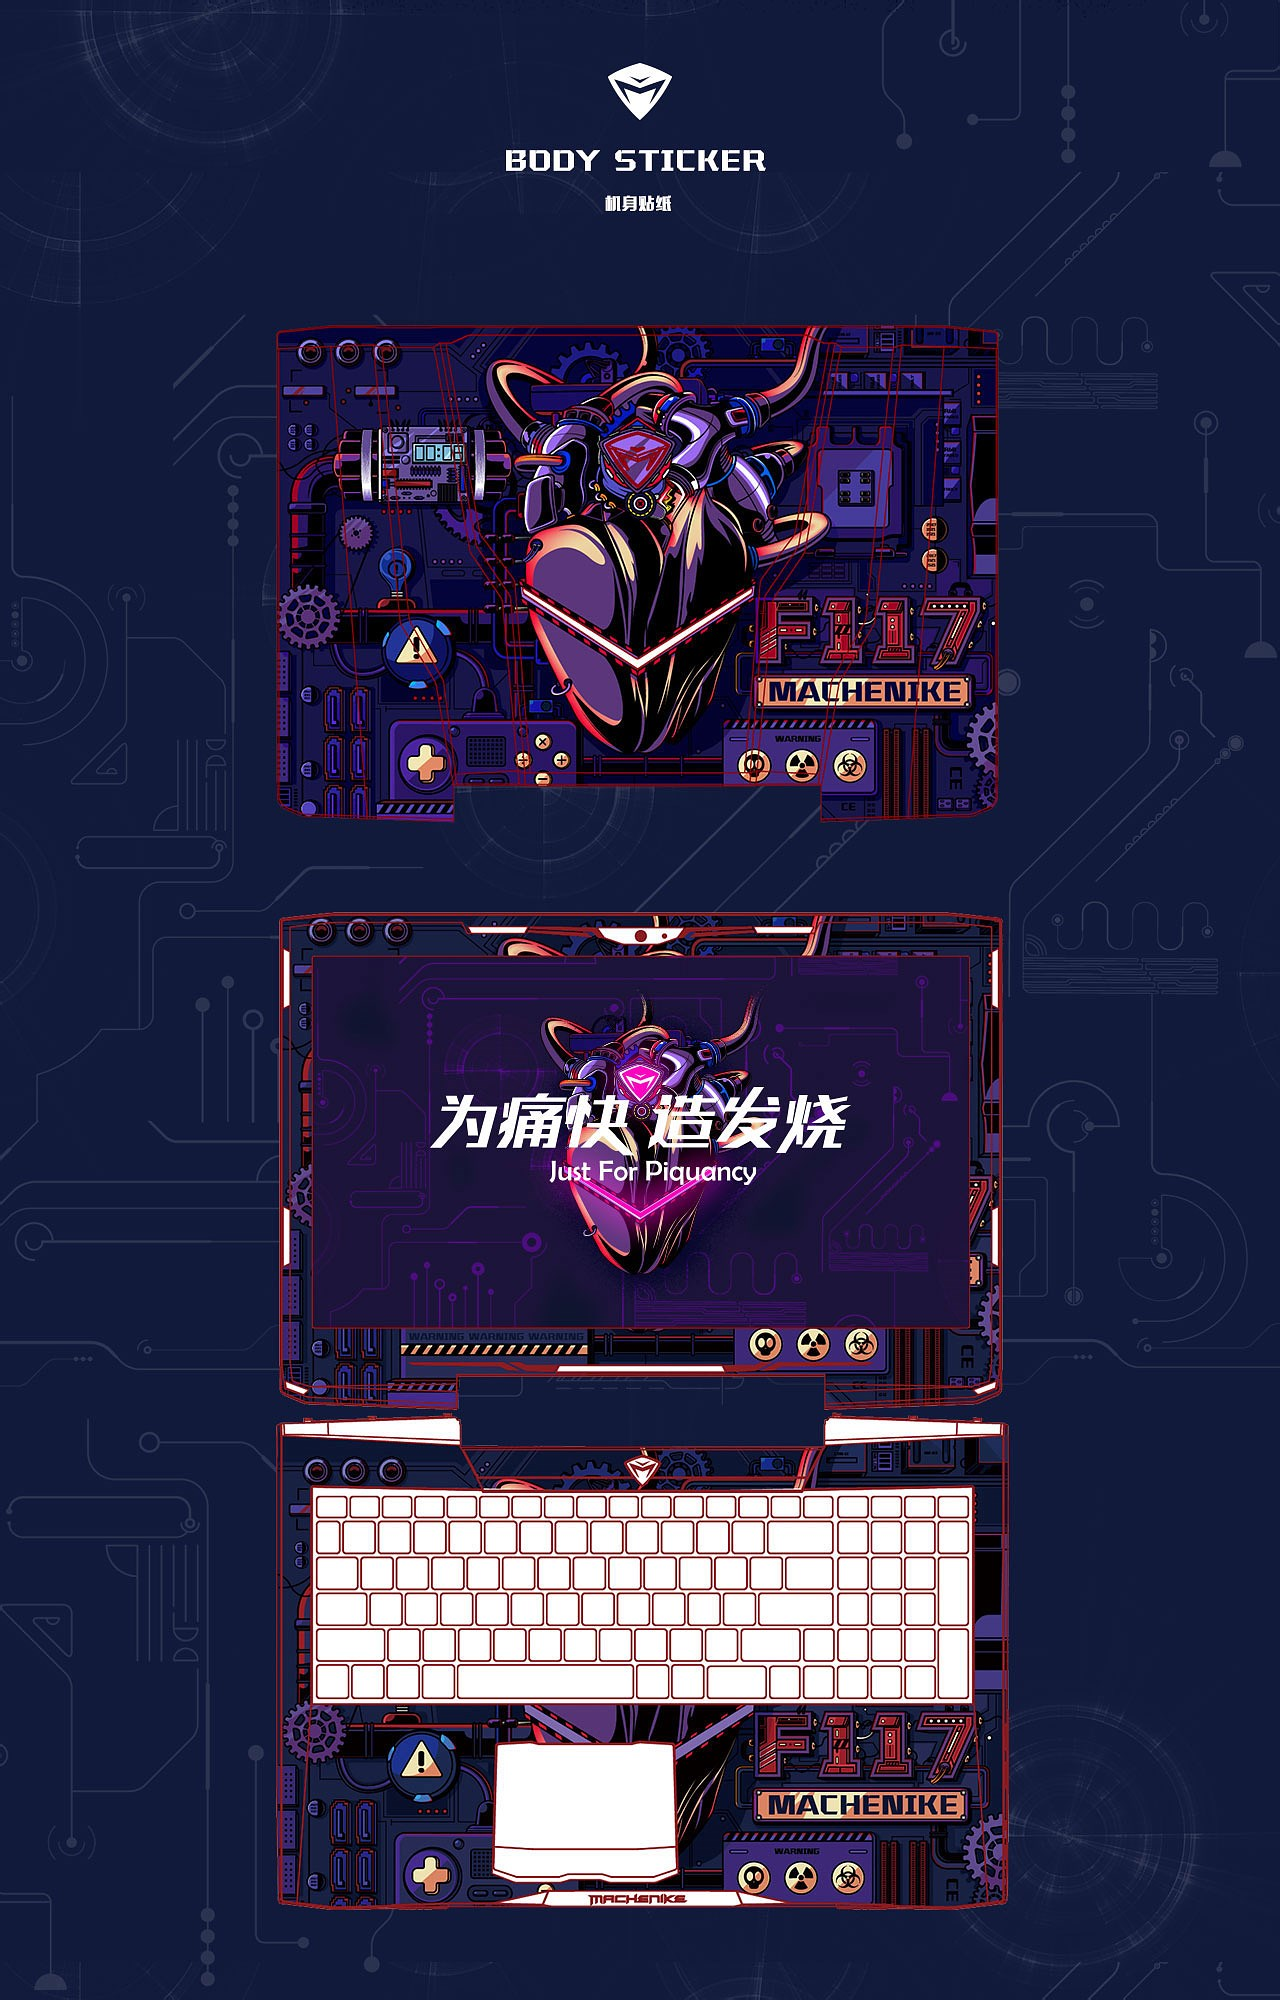 大玩家·大野芯-3(含创作理念)_04.jpg